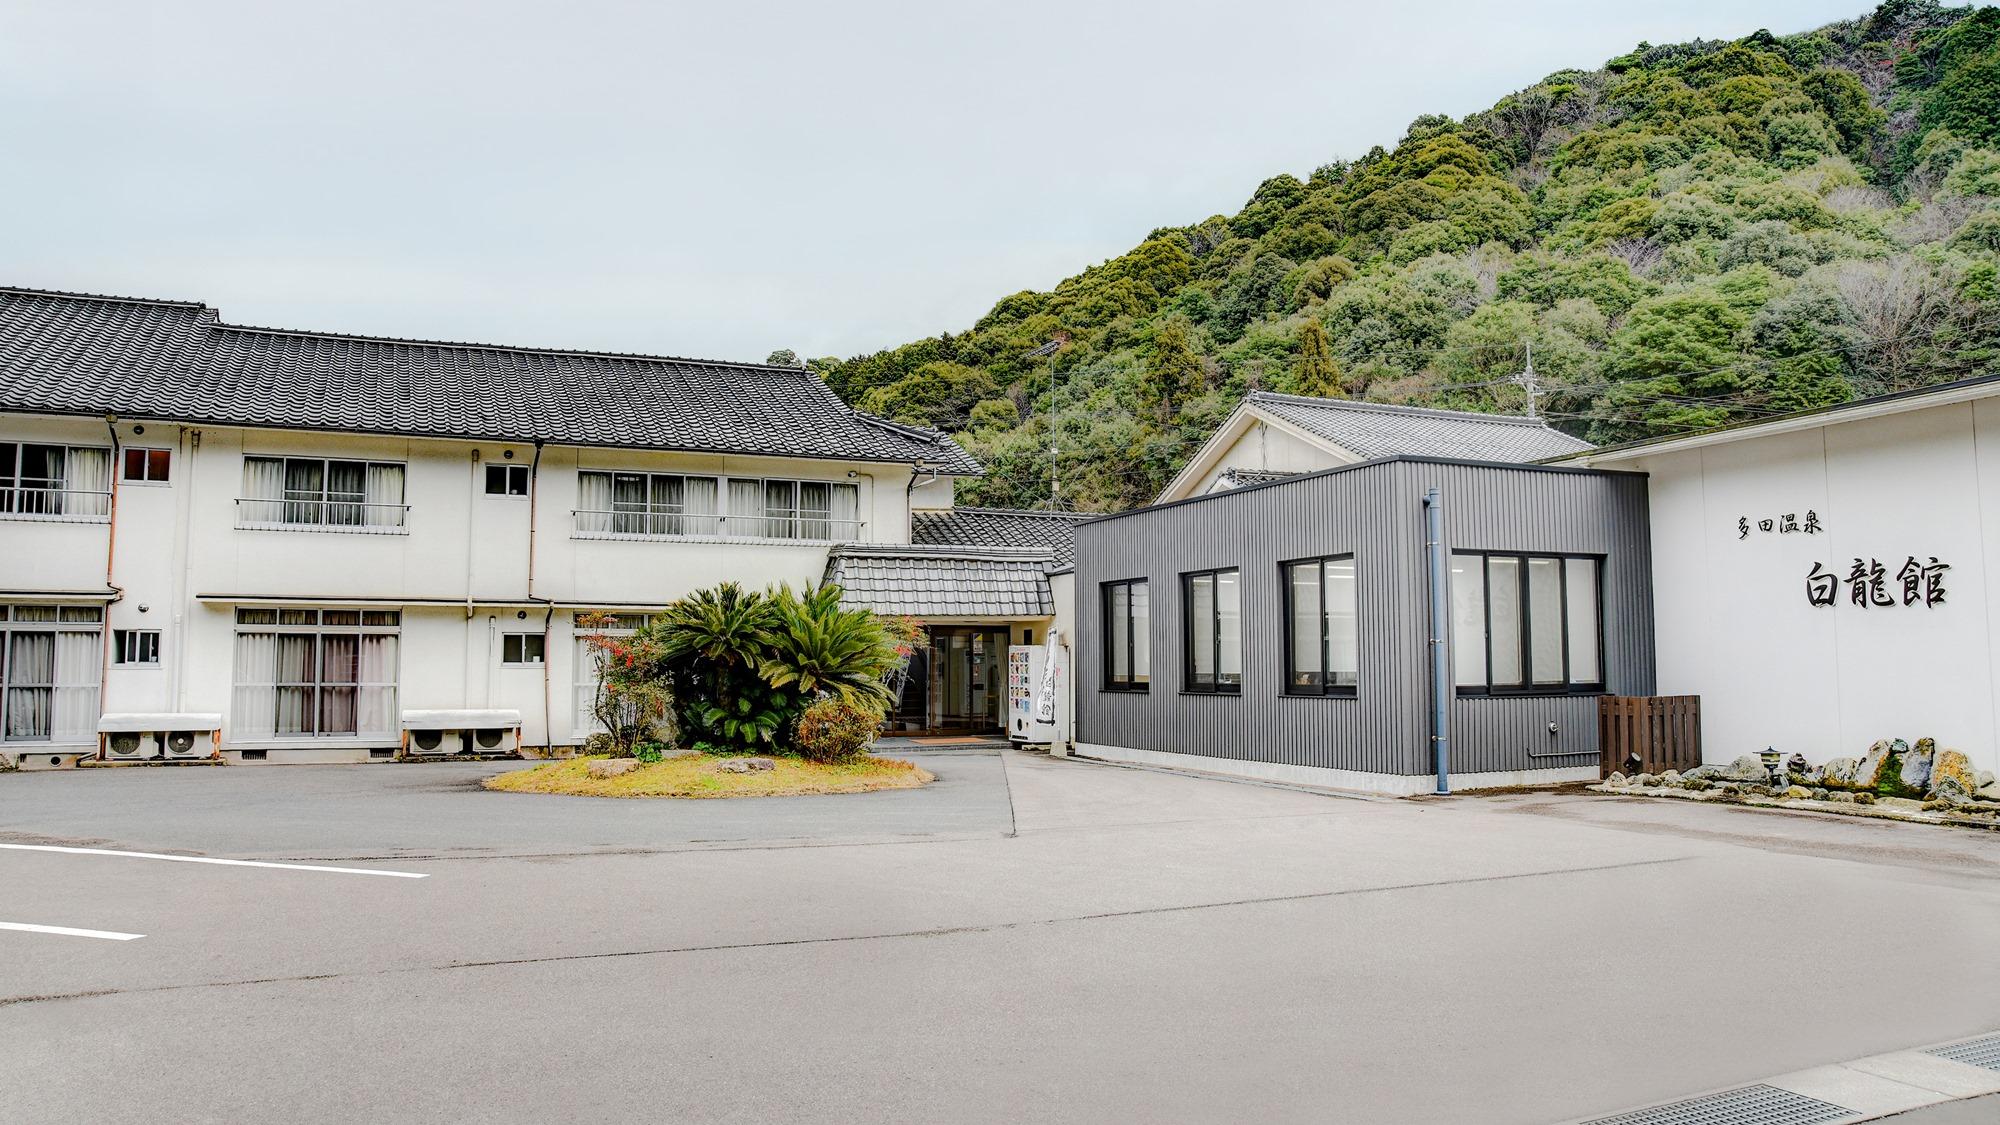 多田温泉 白龍館の施設画像